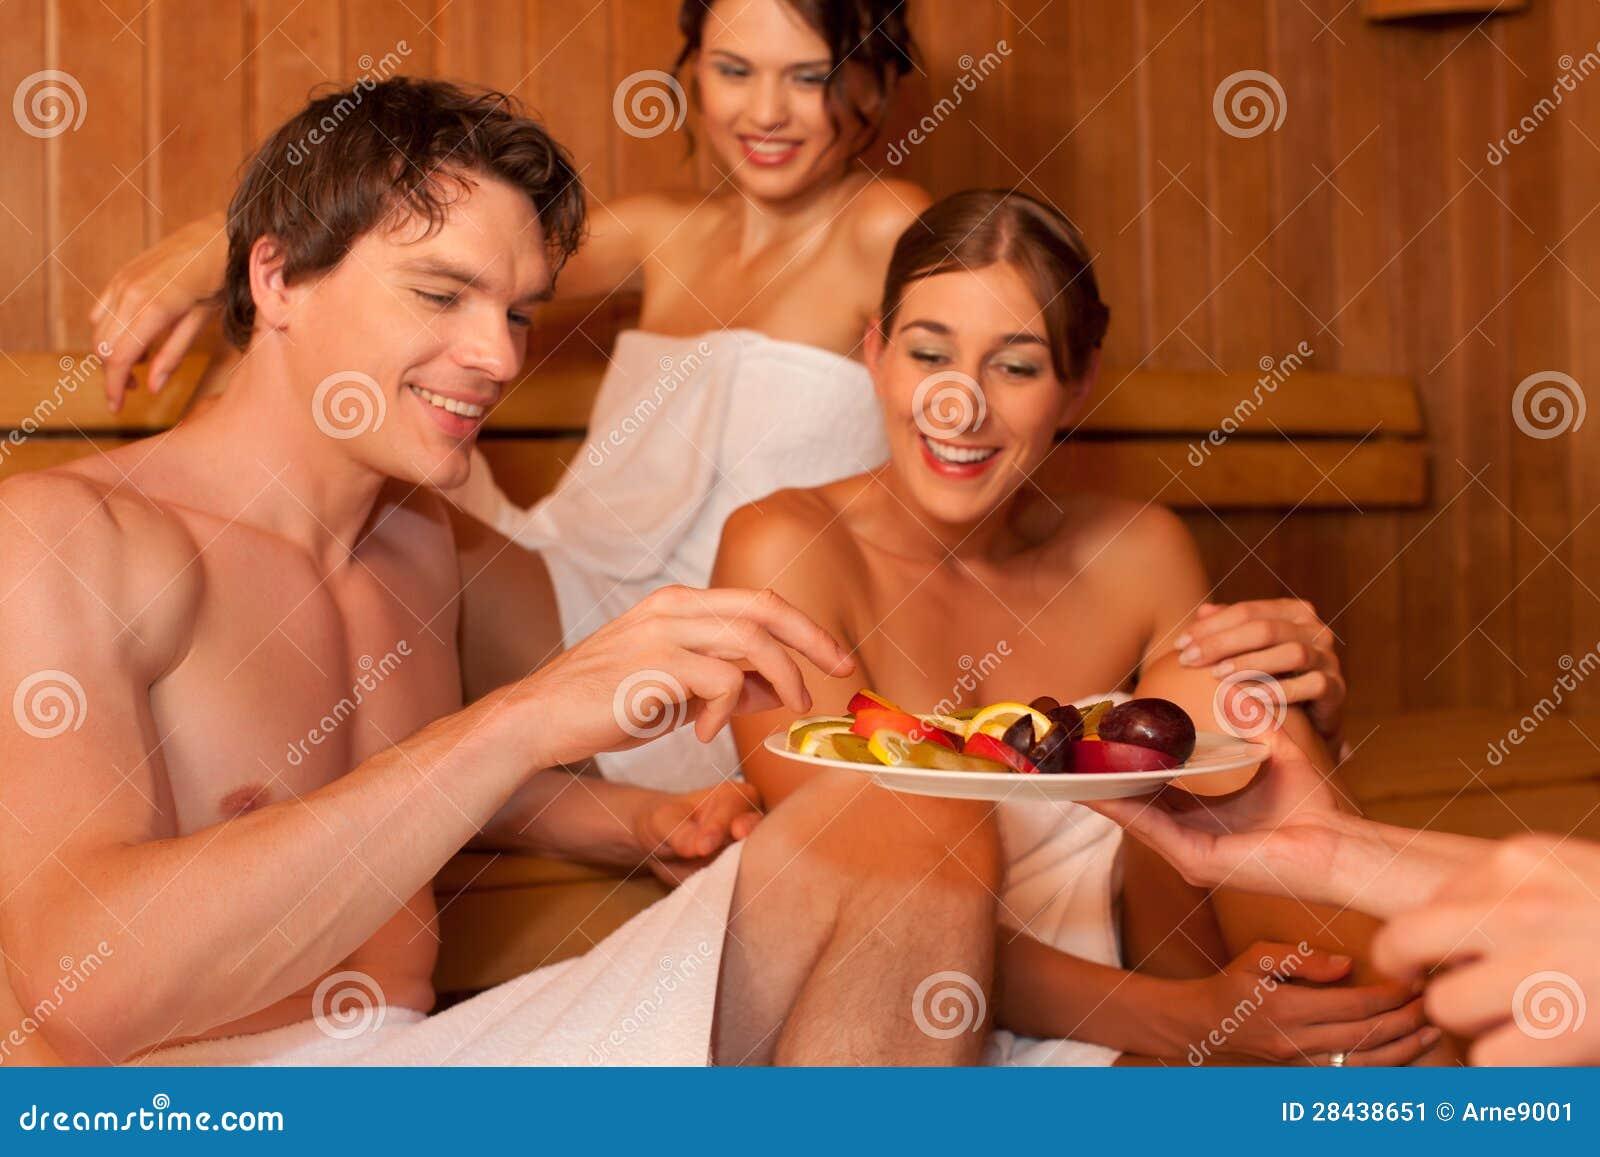 Русские студенты ебутся в бане, Студенты в сауне -видео. Смотреть Студенты 41 фотография